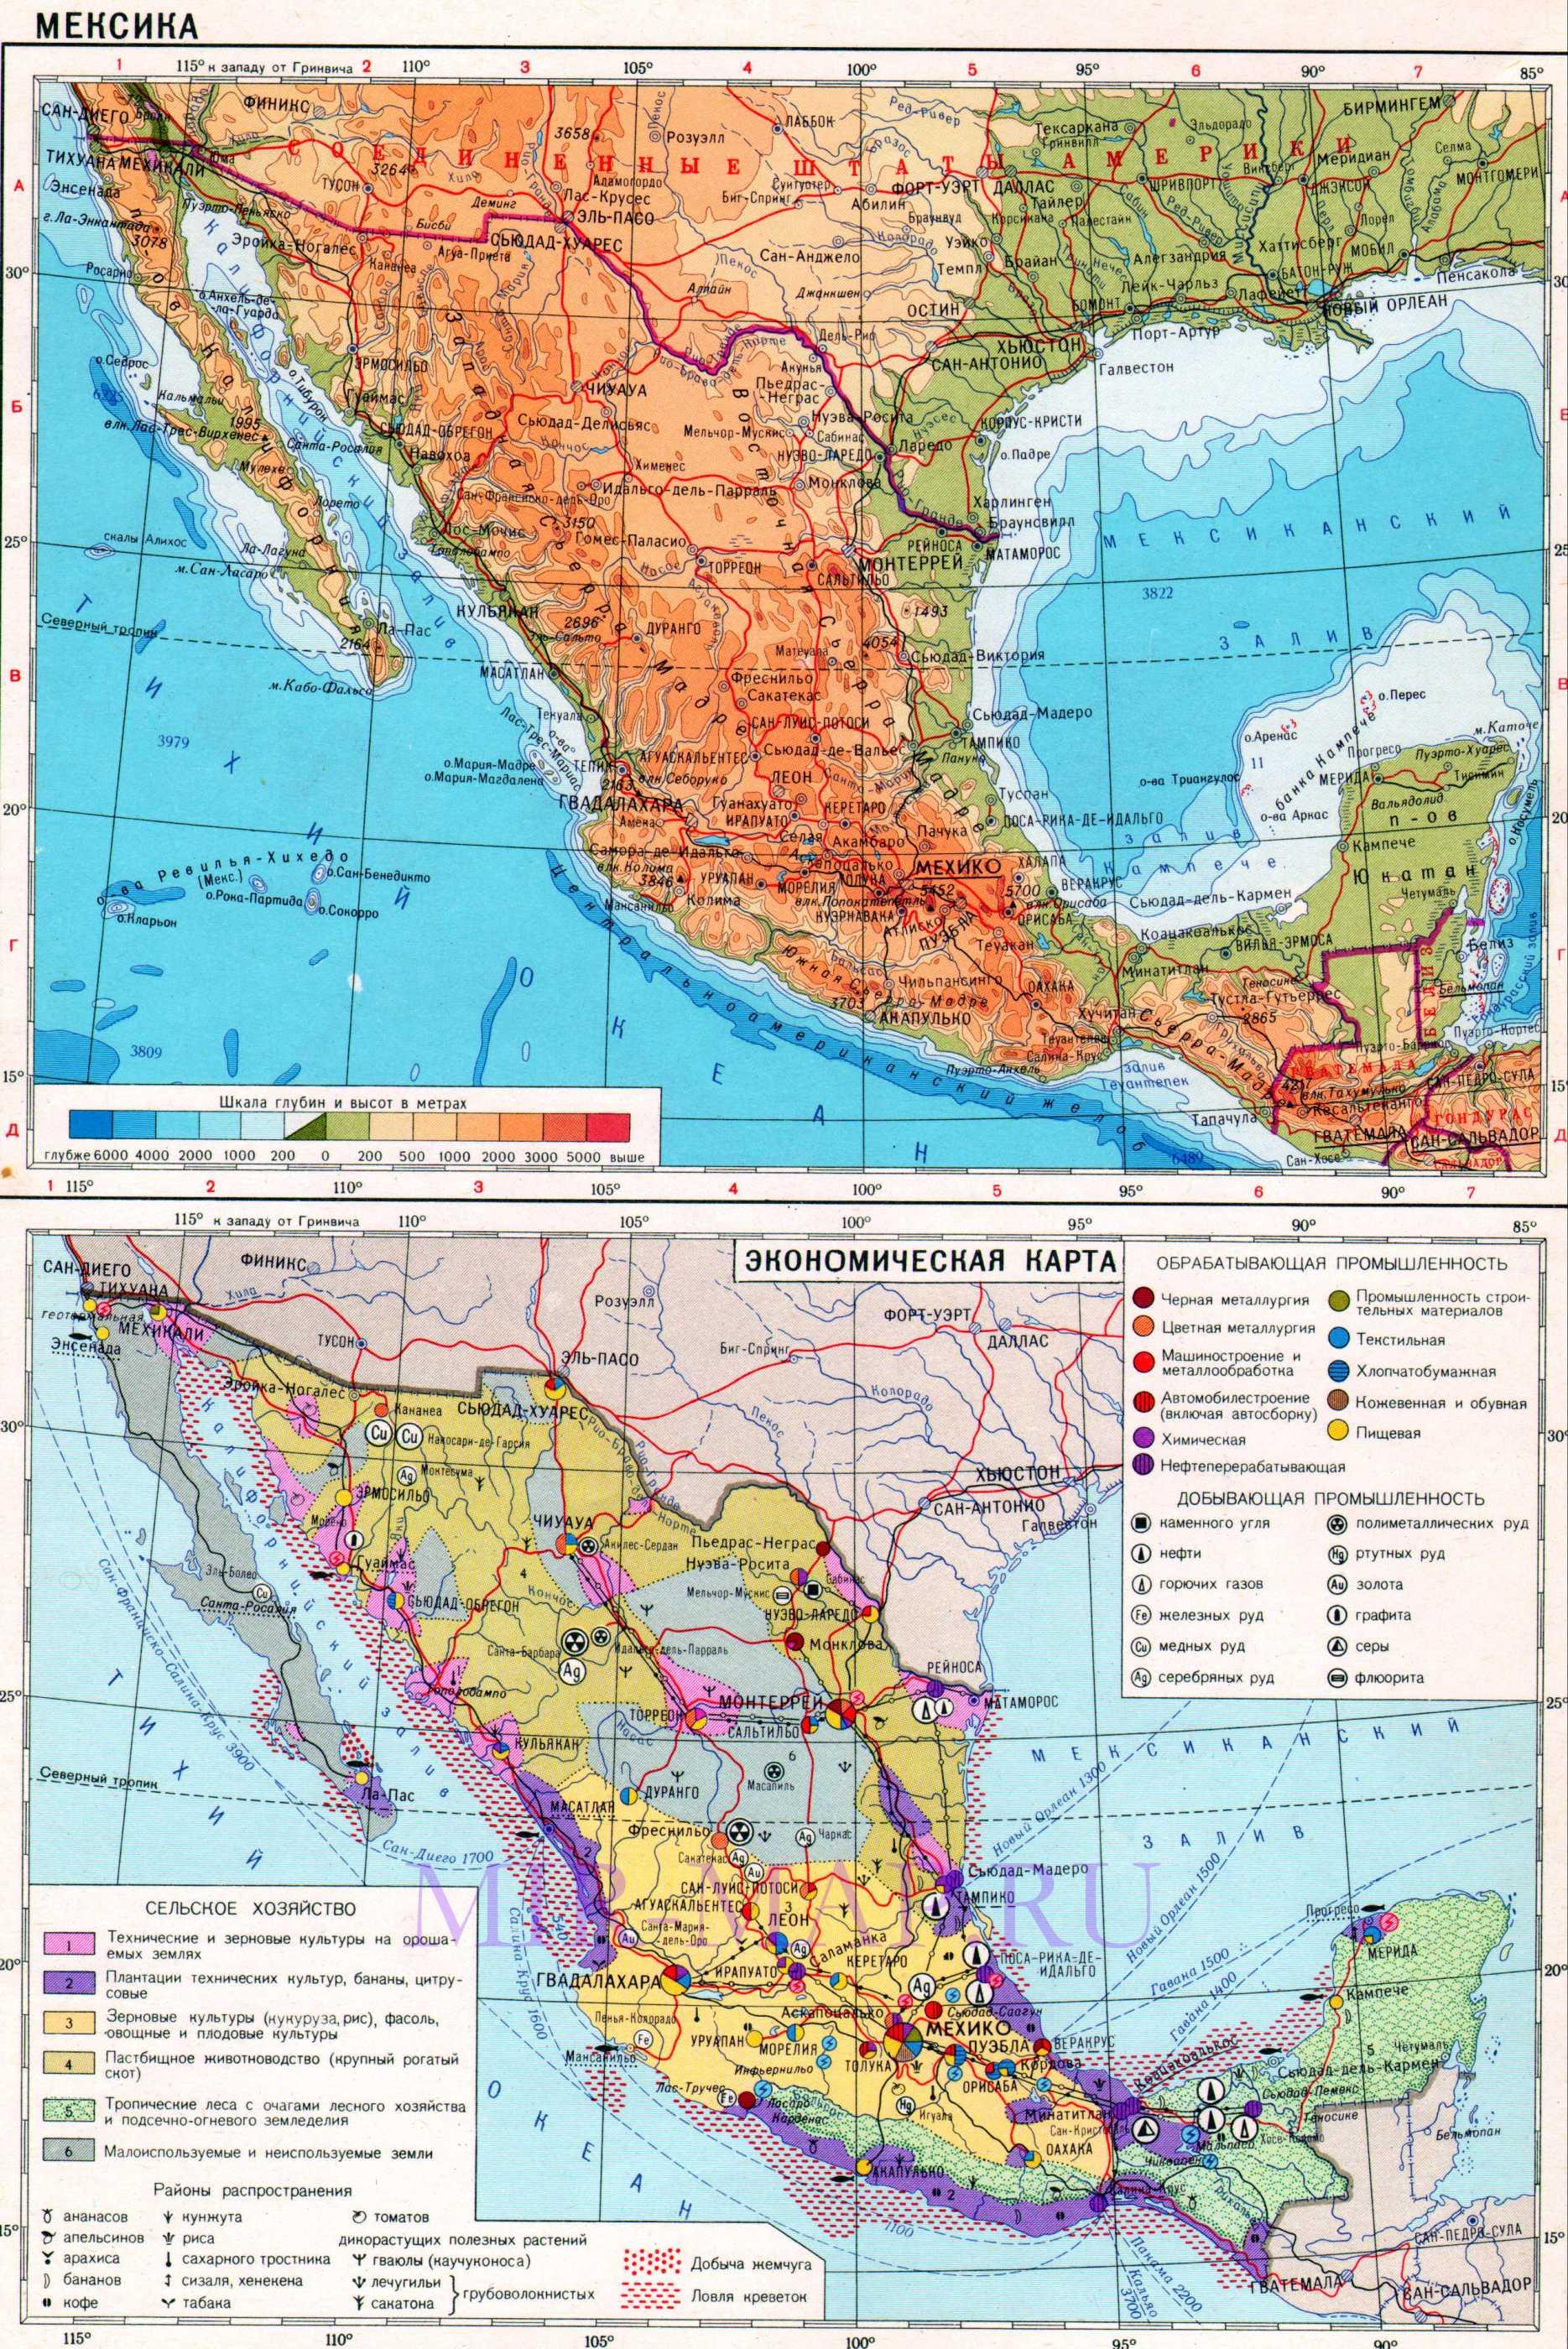 Подробная карта мексики на русском